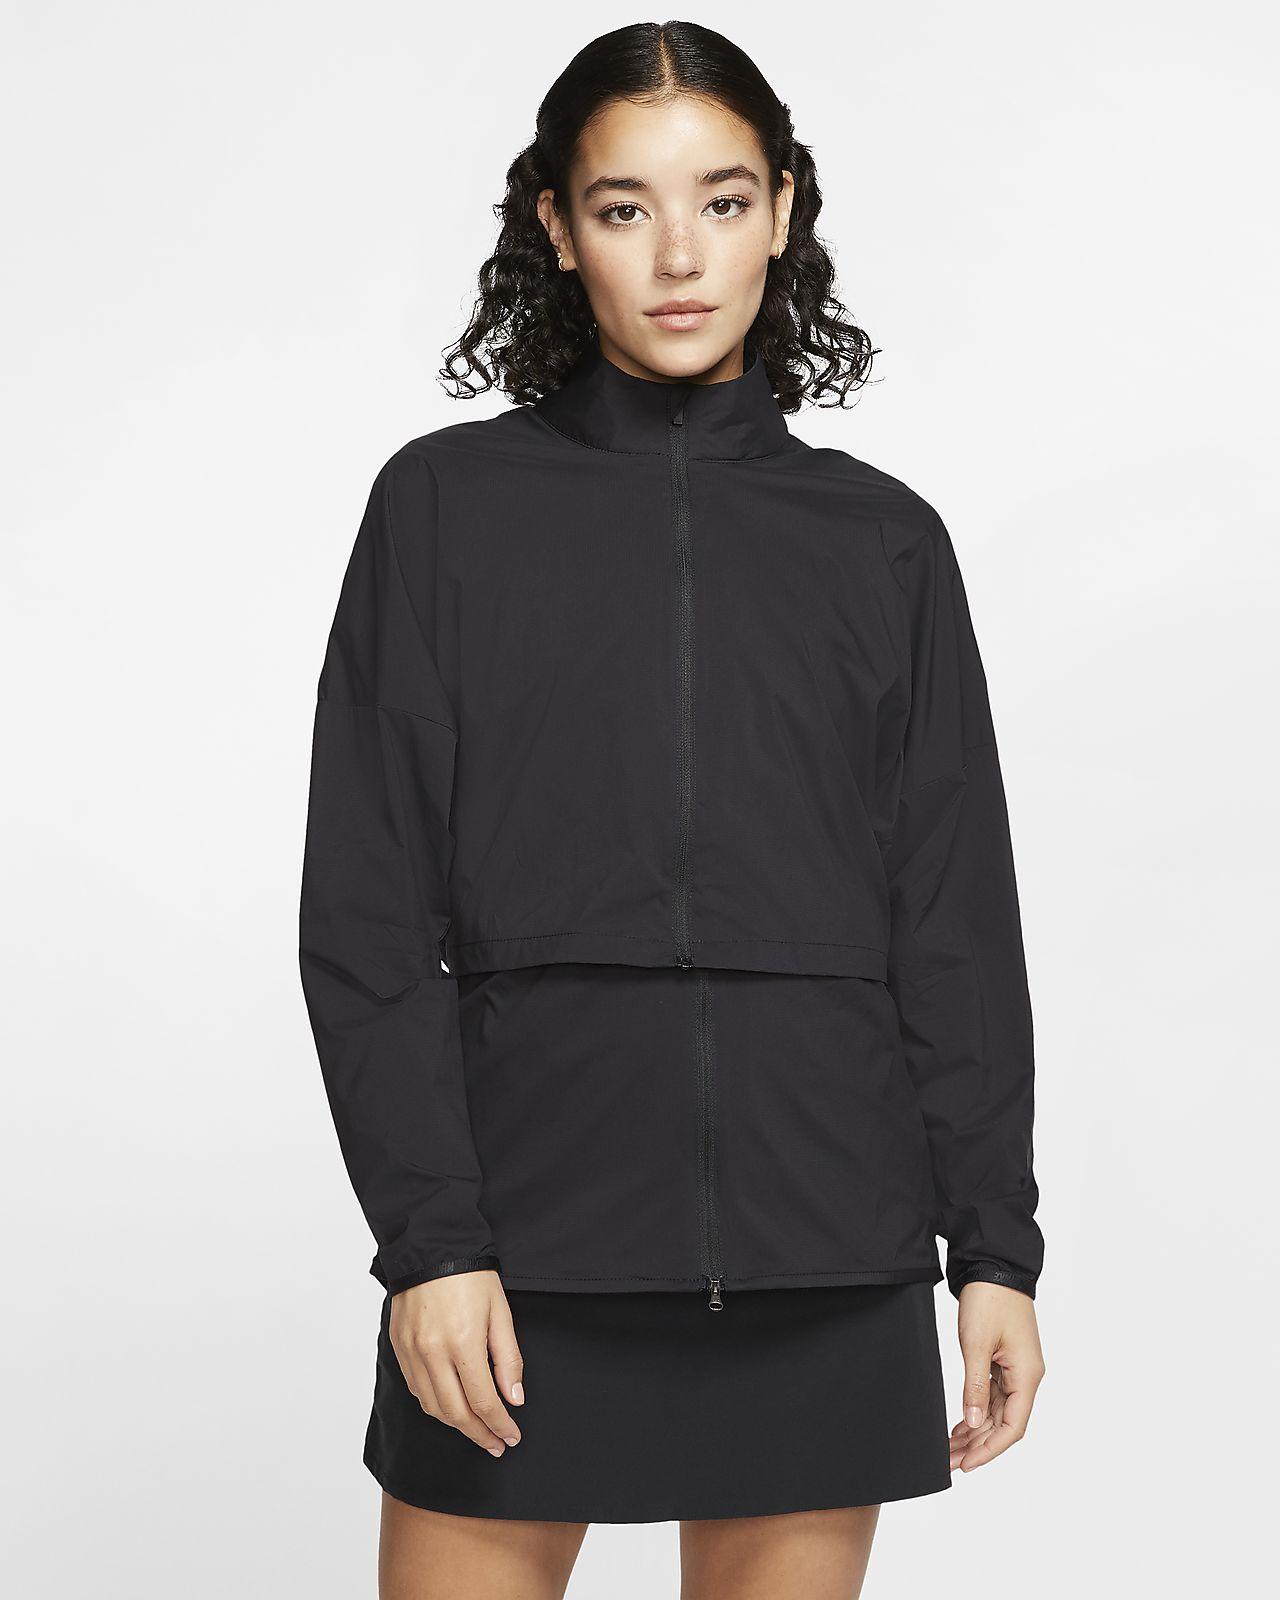 Nike Repel Women's 3-in-1 Golf Jacket